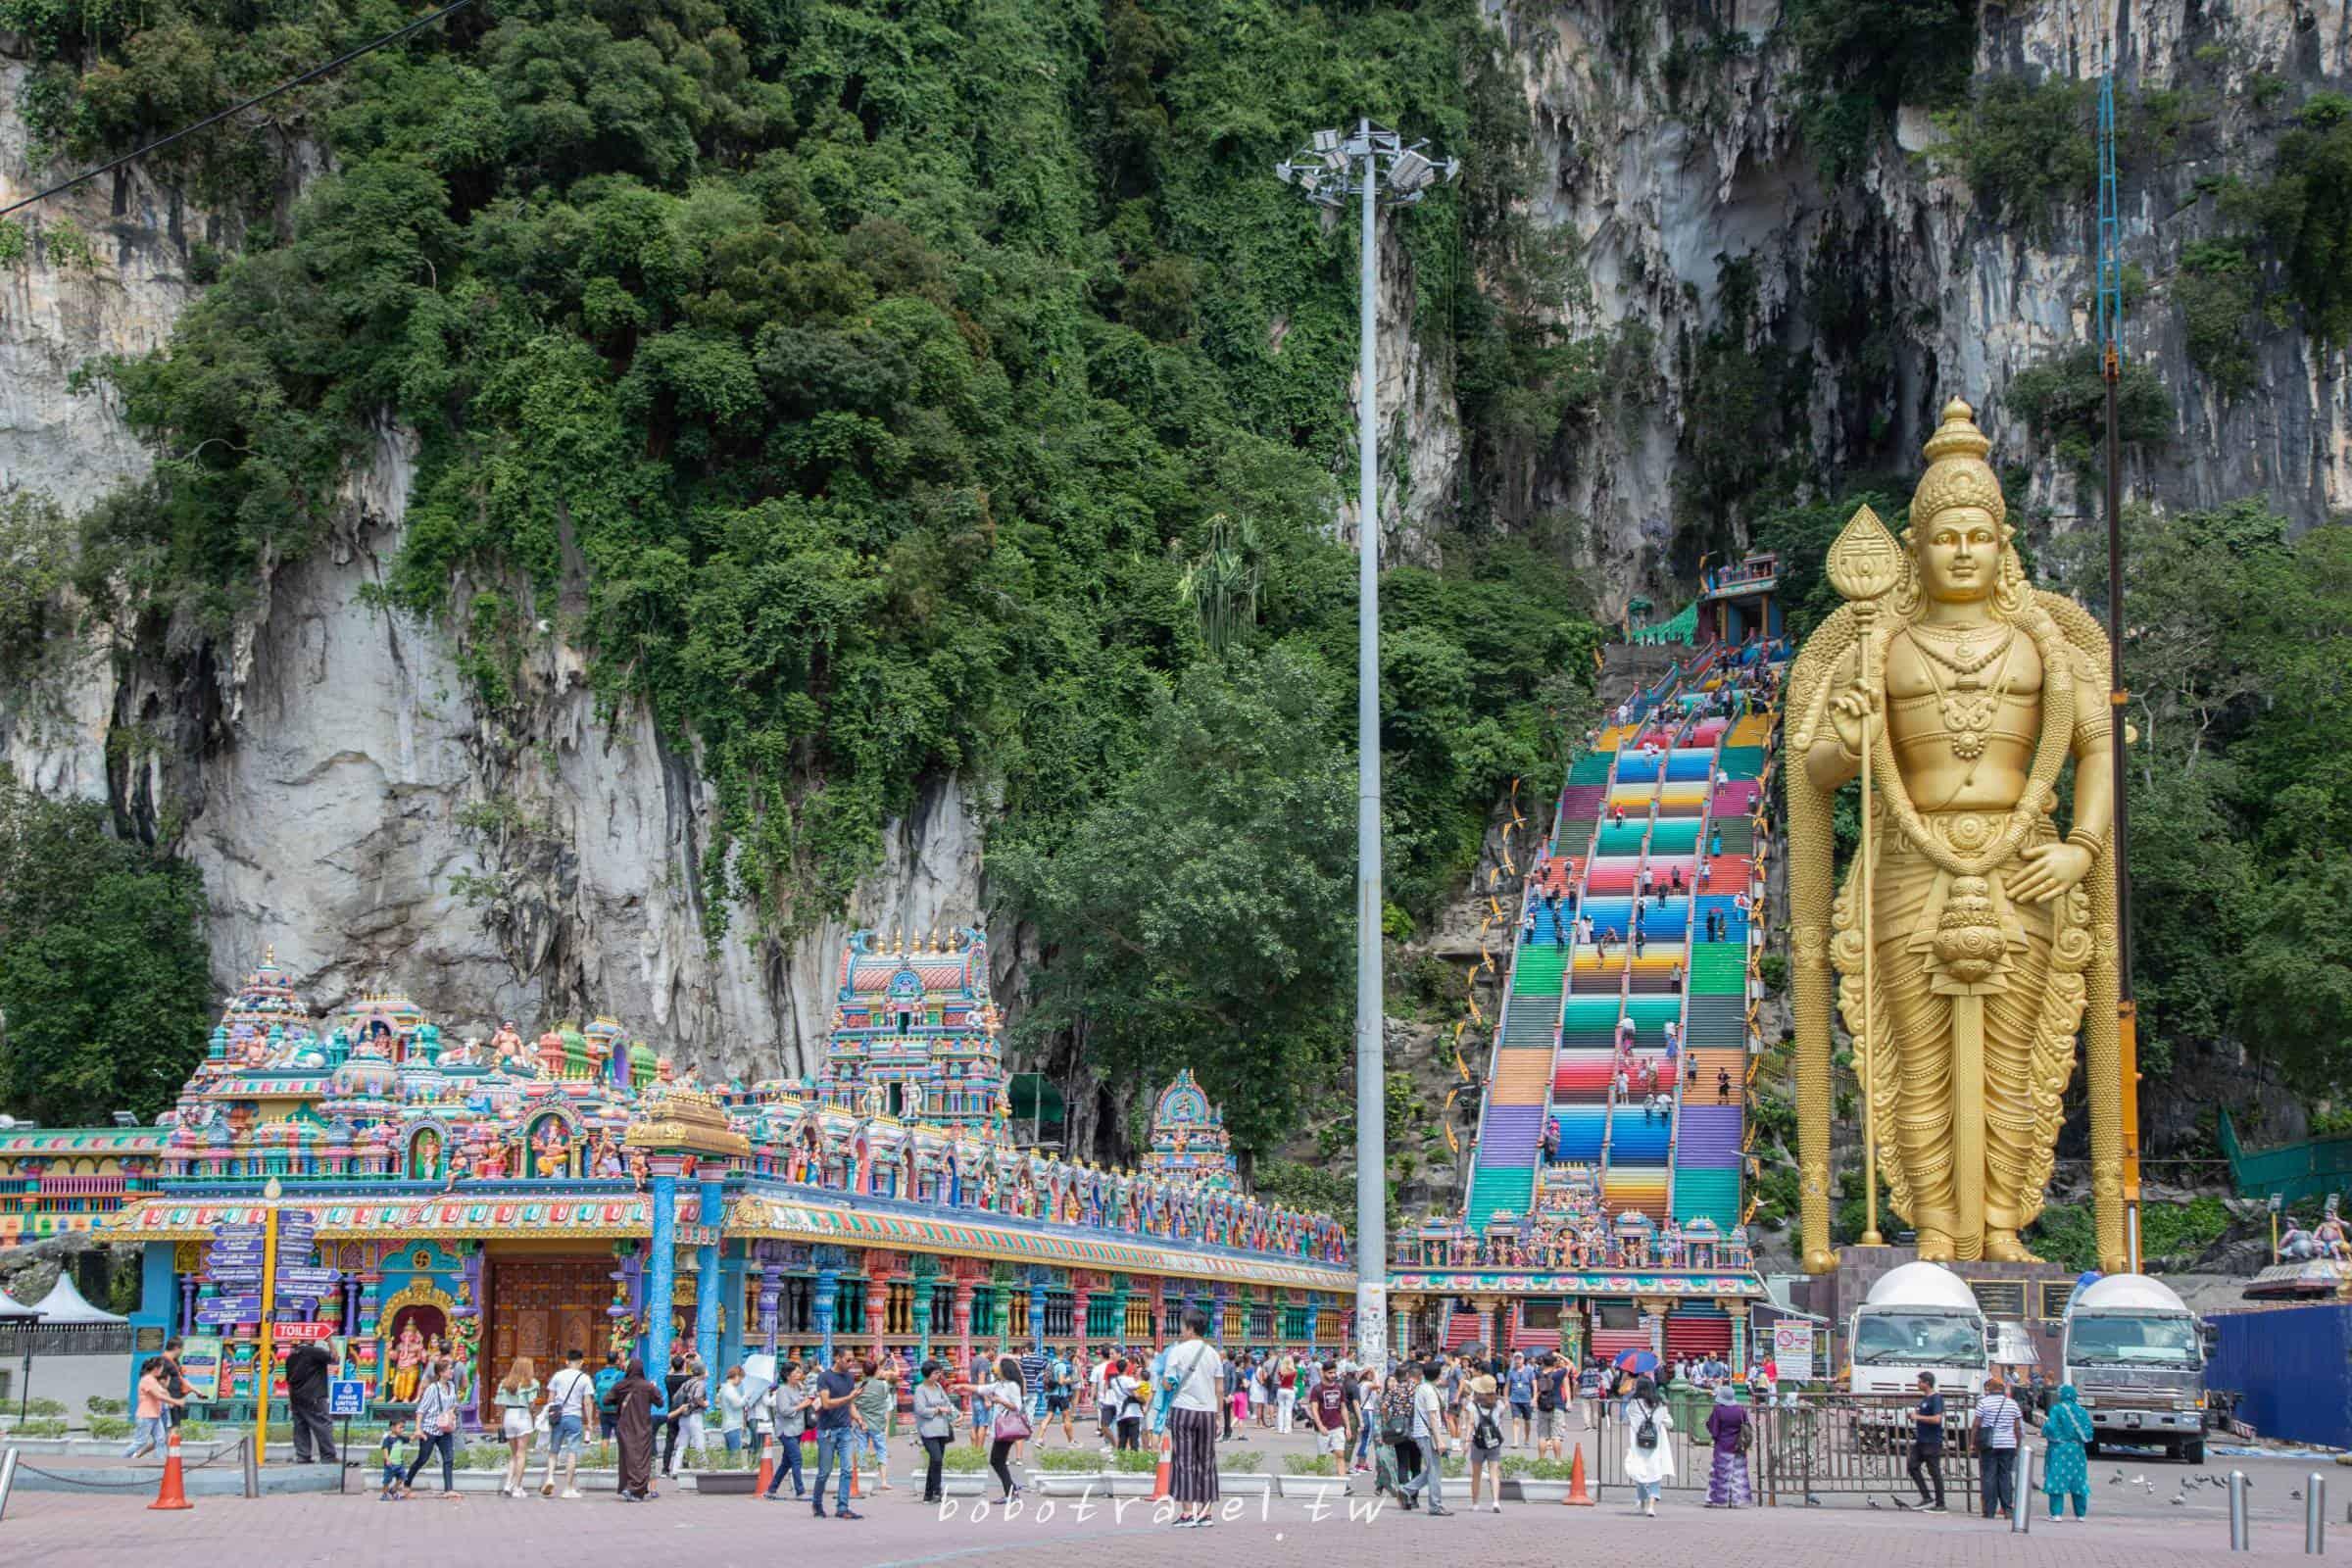 馬來西亞、吉隆坡景點|黑風洞 Batu Caves。網美超愛彩虹階梯竟是印度教聖地?四億年石灰岩洞藏神廟!